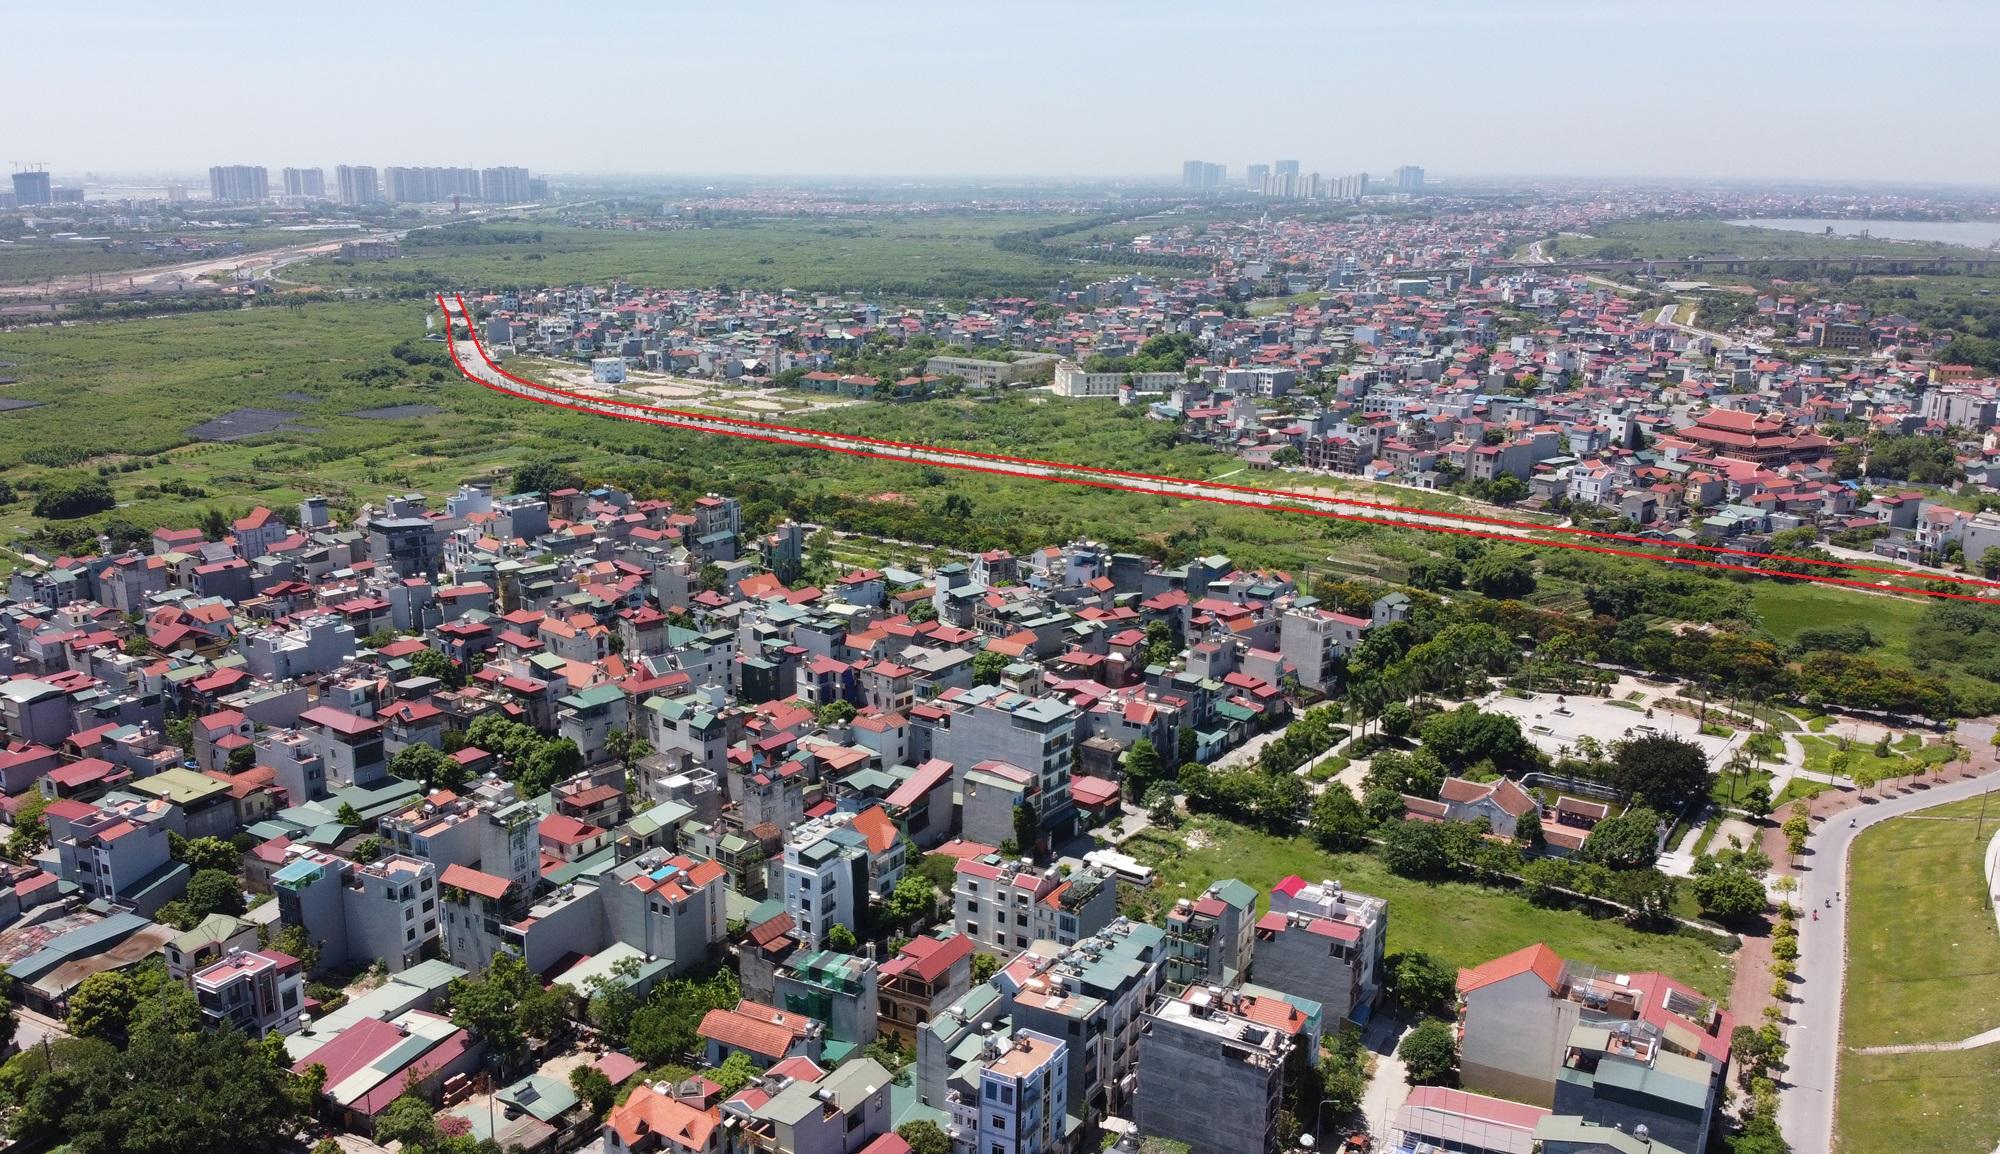 đường sẽ mở theo qui hoạch ở phường Cự Khối, Long Biên, Hà Nội - Ảnh 4.